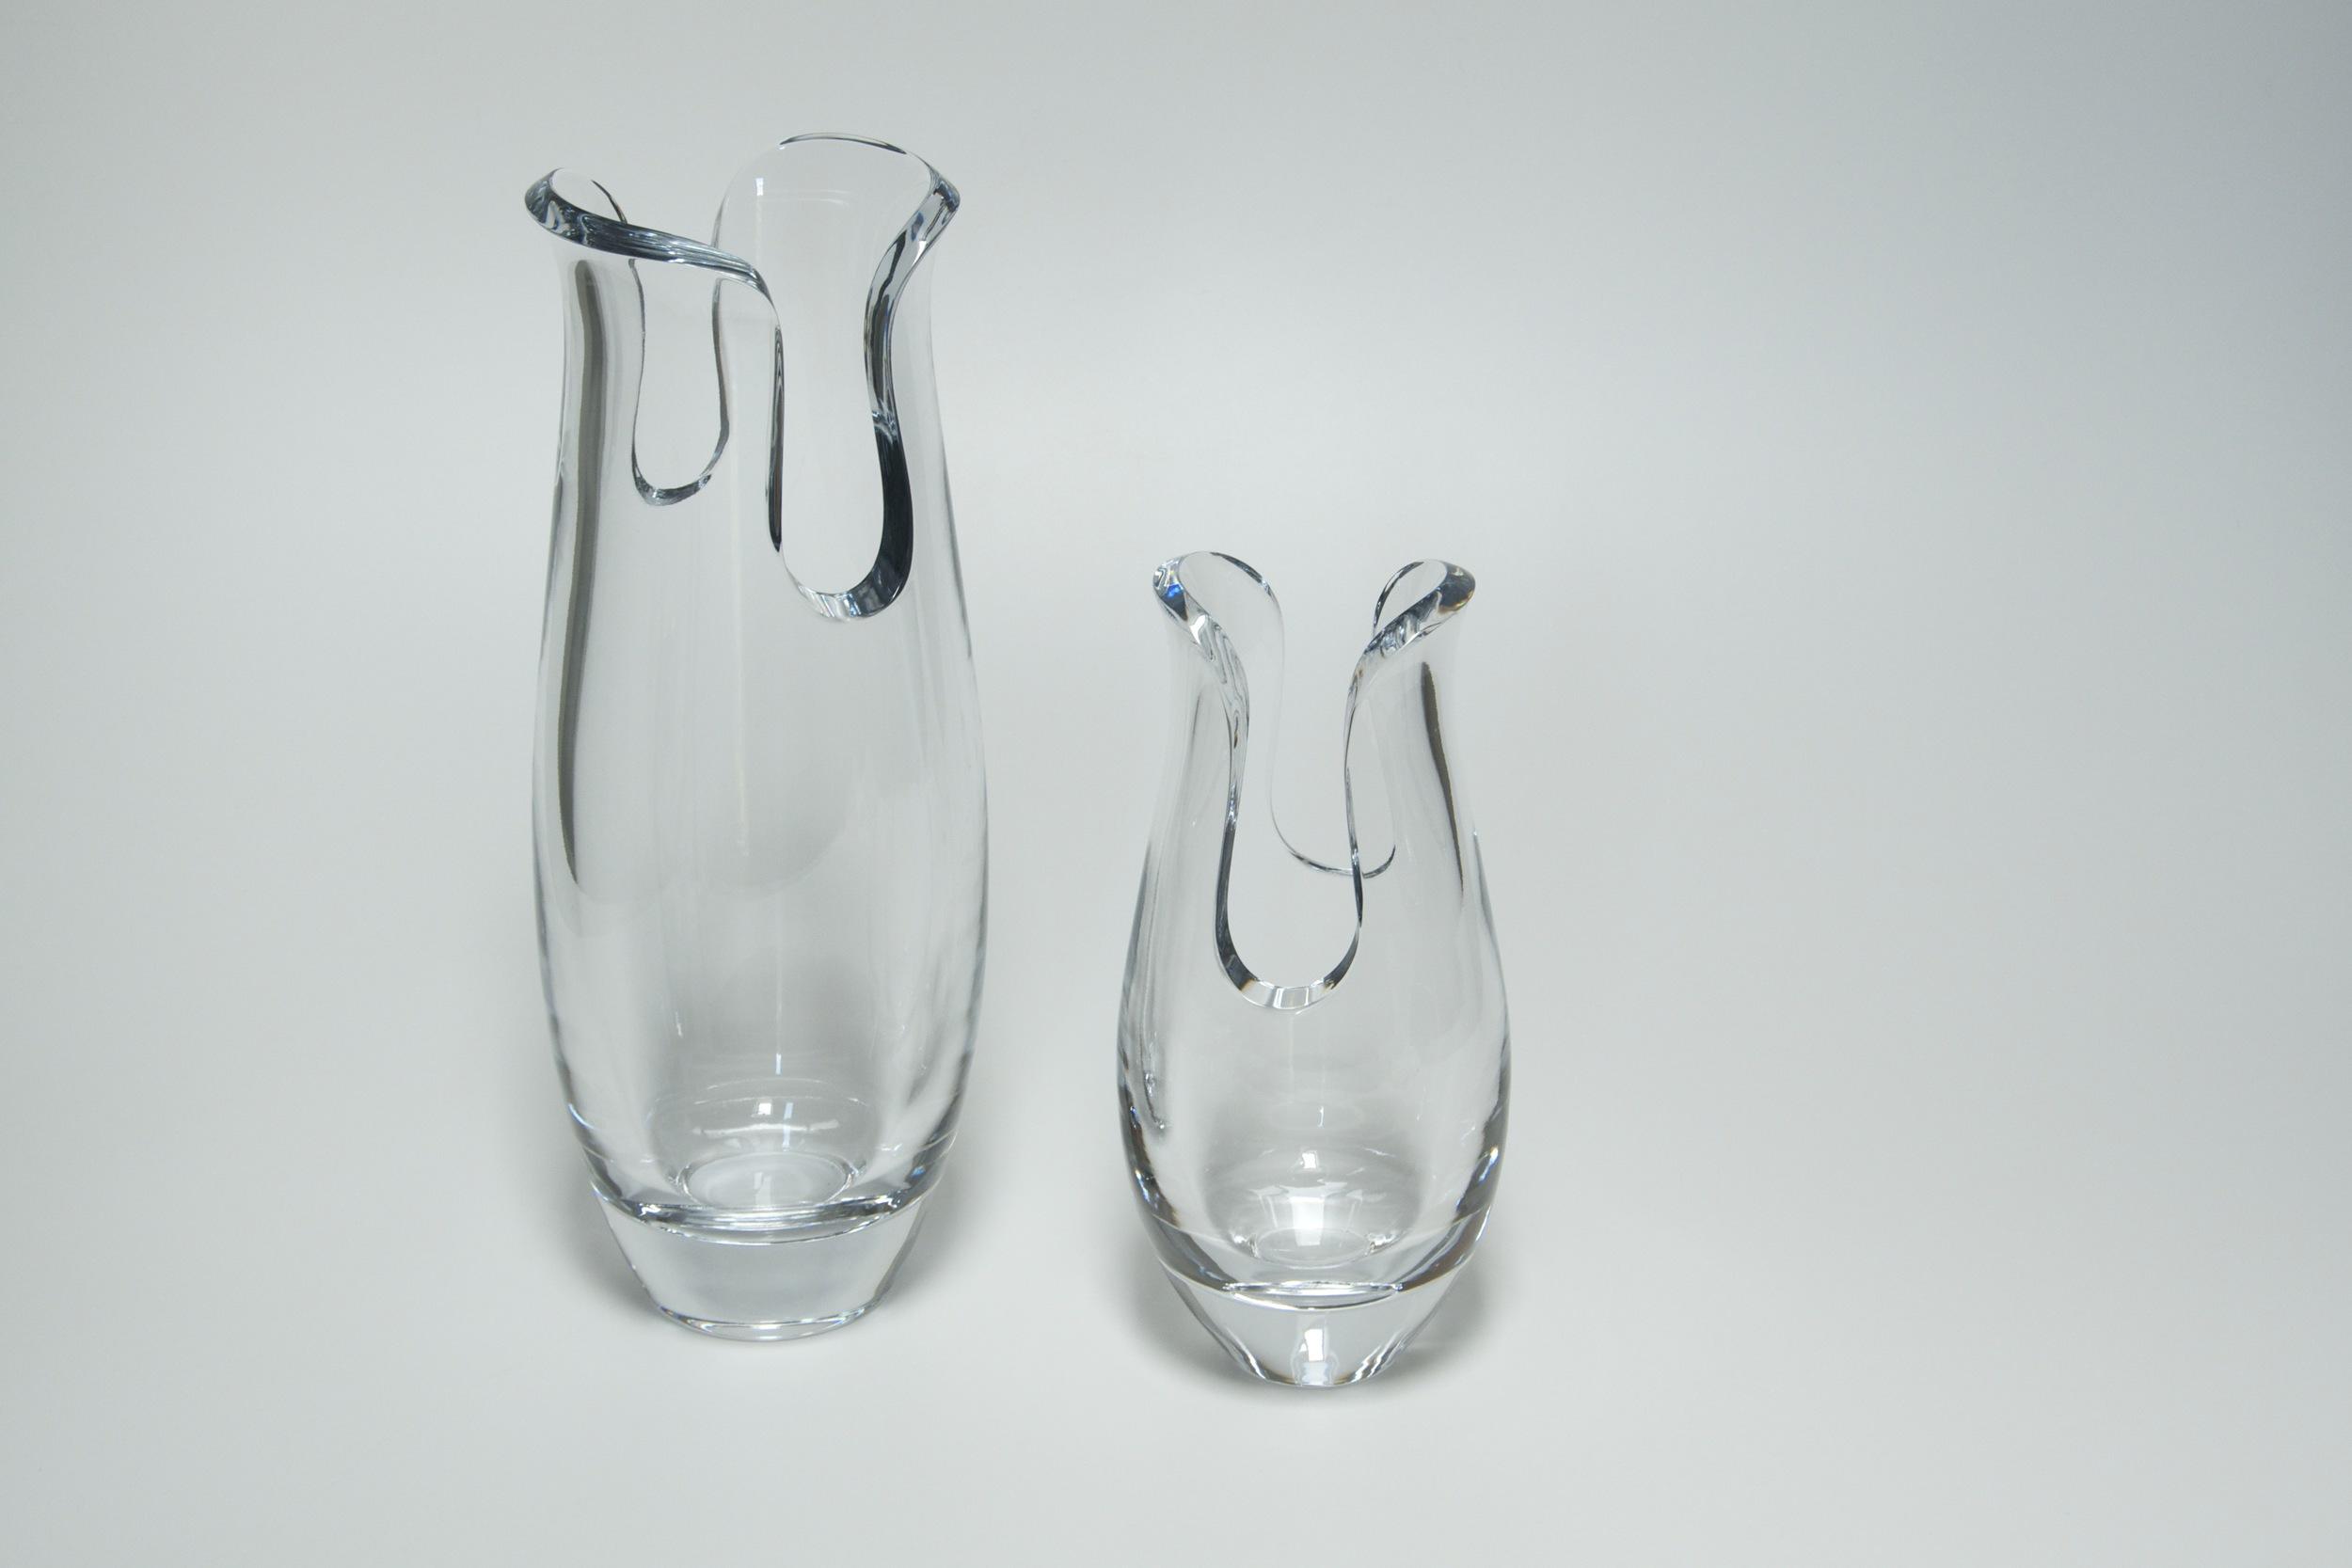 Maia Crystal Vases - Nambe 2008